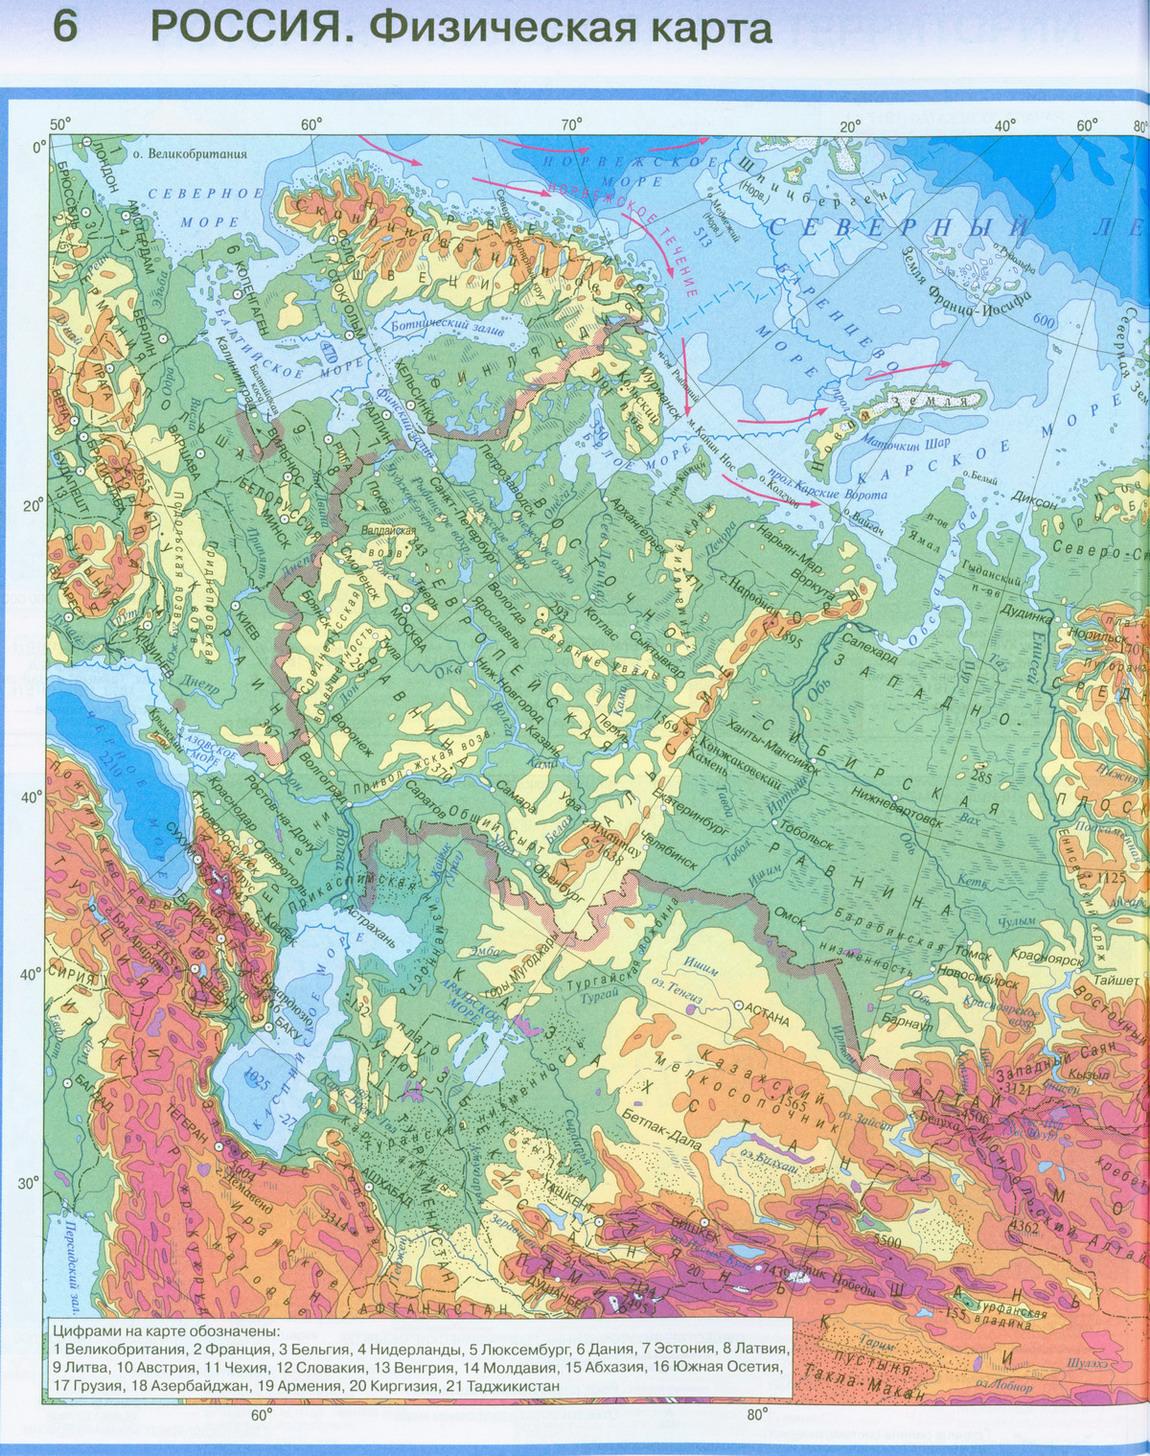 Физическая карта россии из атласа 8 класса